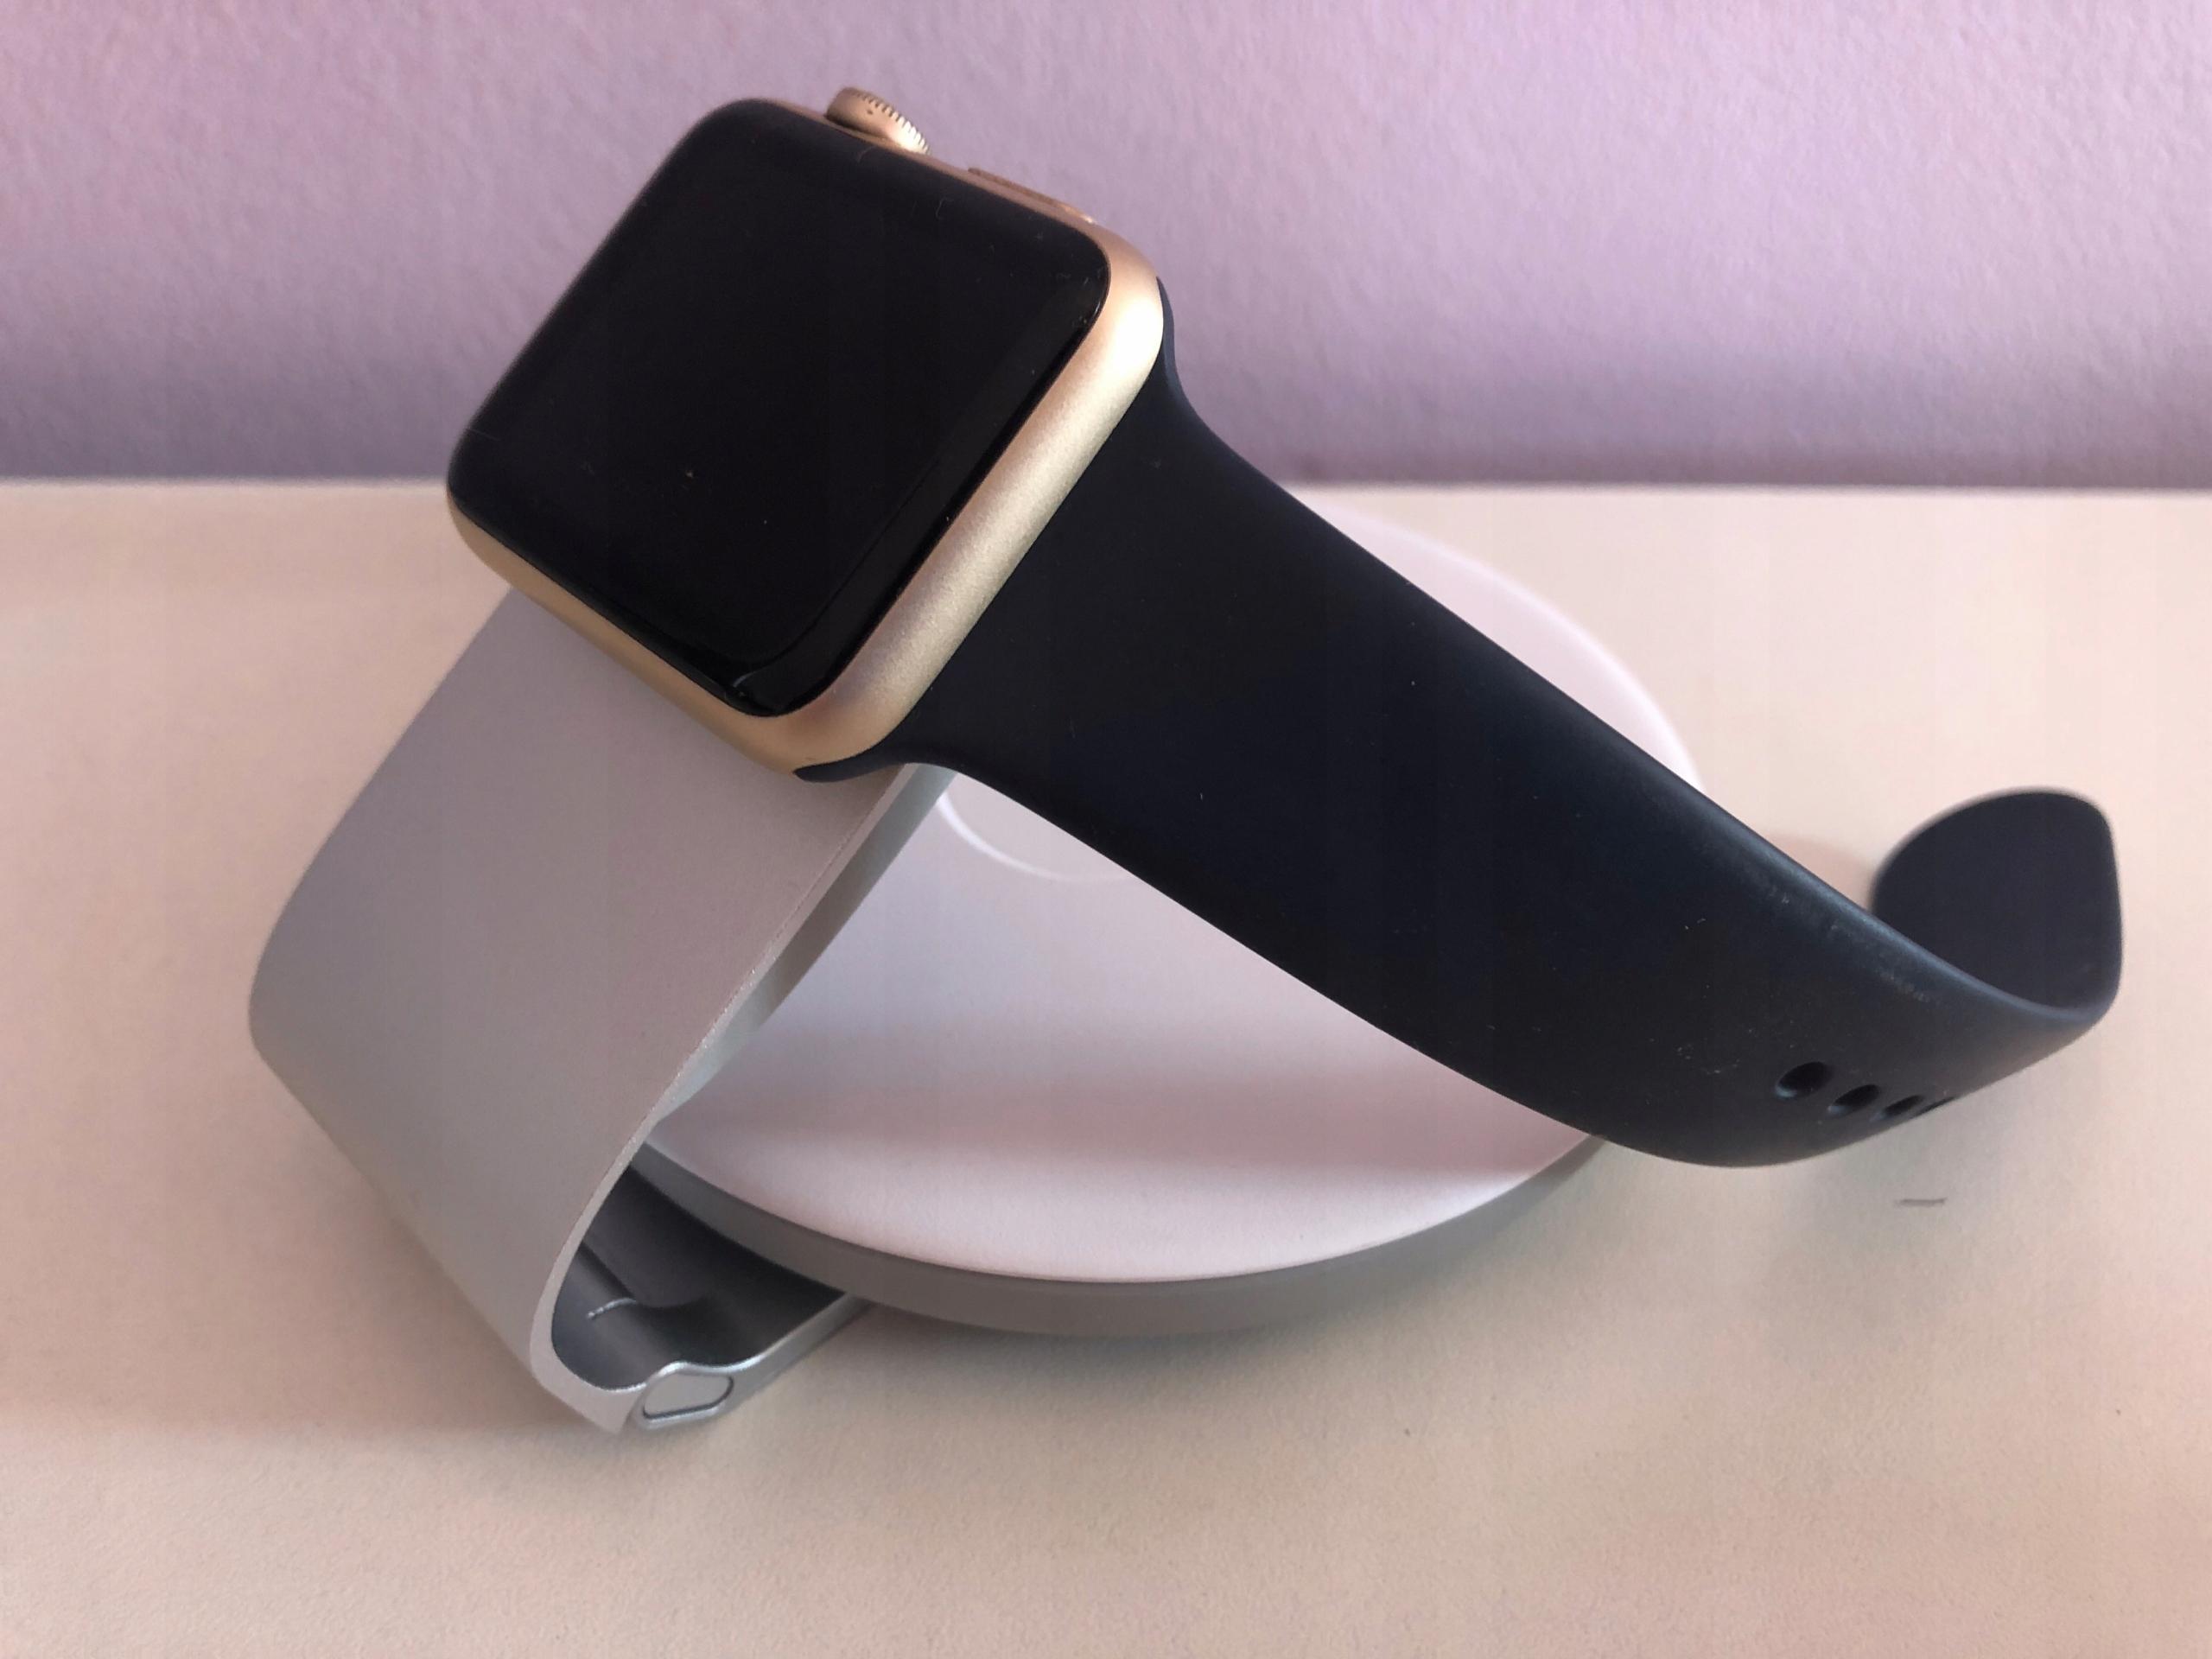 Dock stacja dokująca do Apple Watch - Moshi